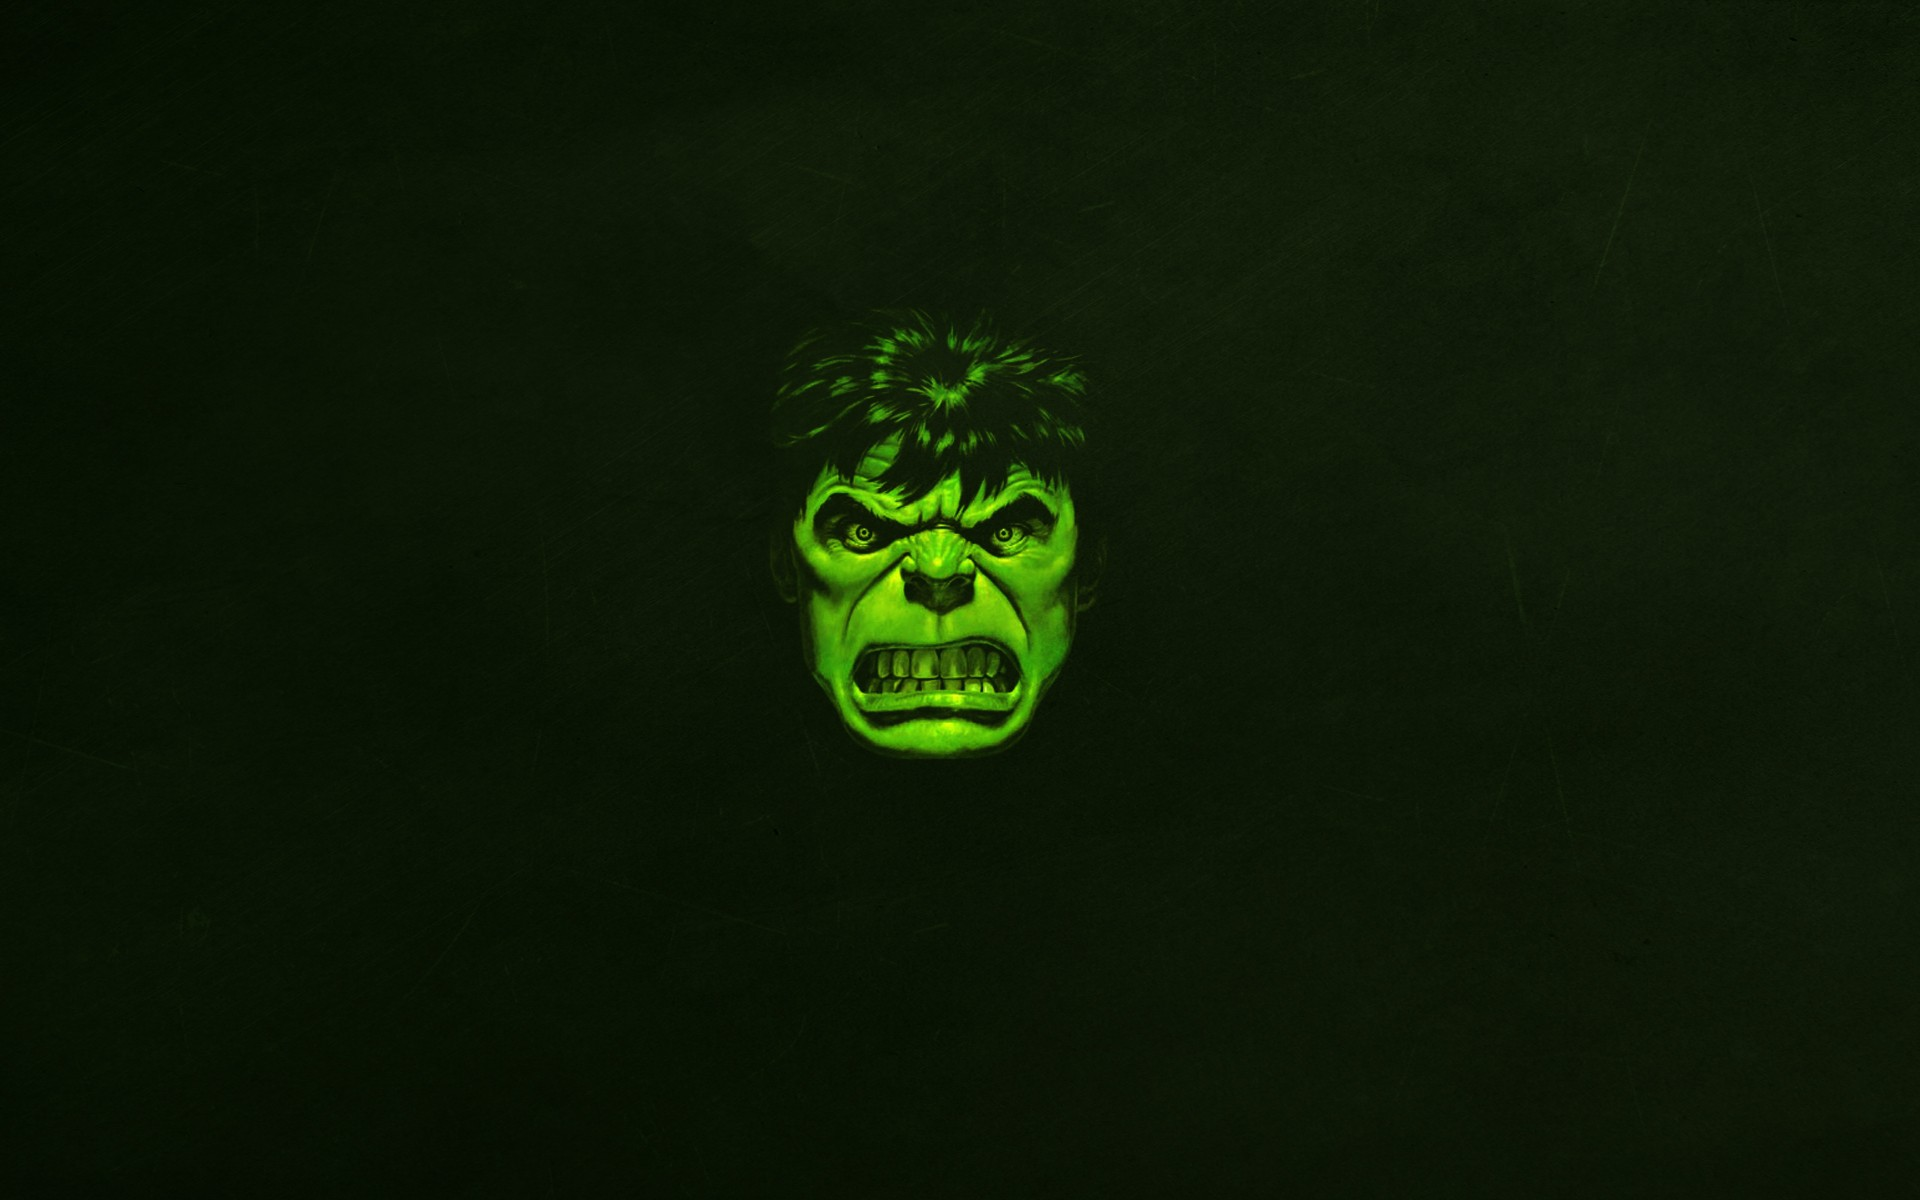 Hulk HD Wallpaper Background Image 1920x1200 ID417627 1920x1200